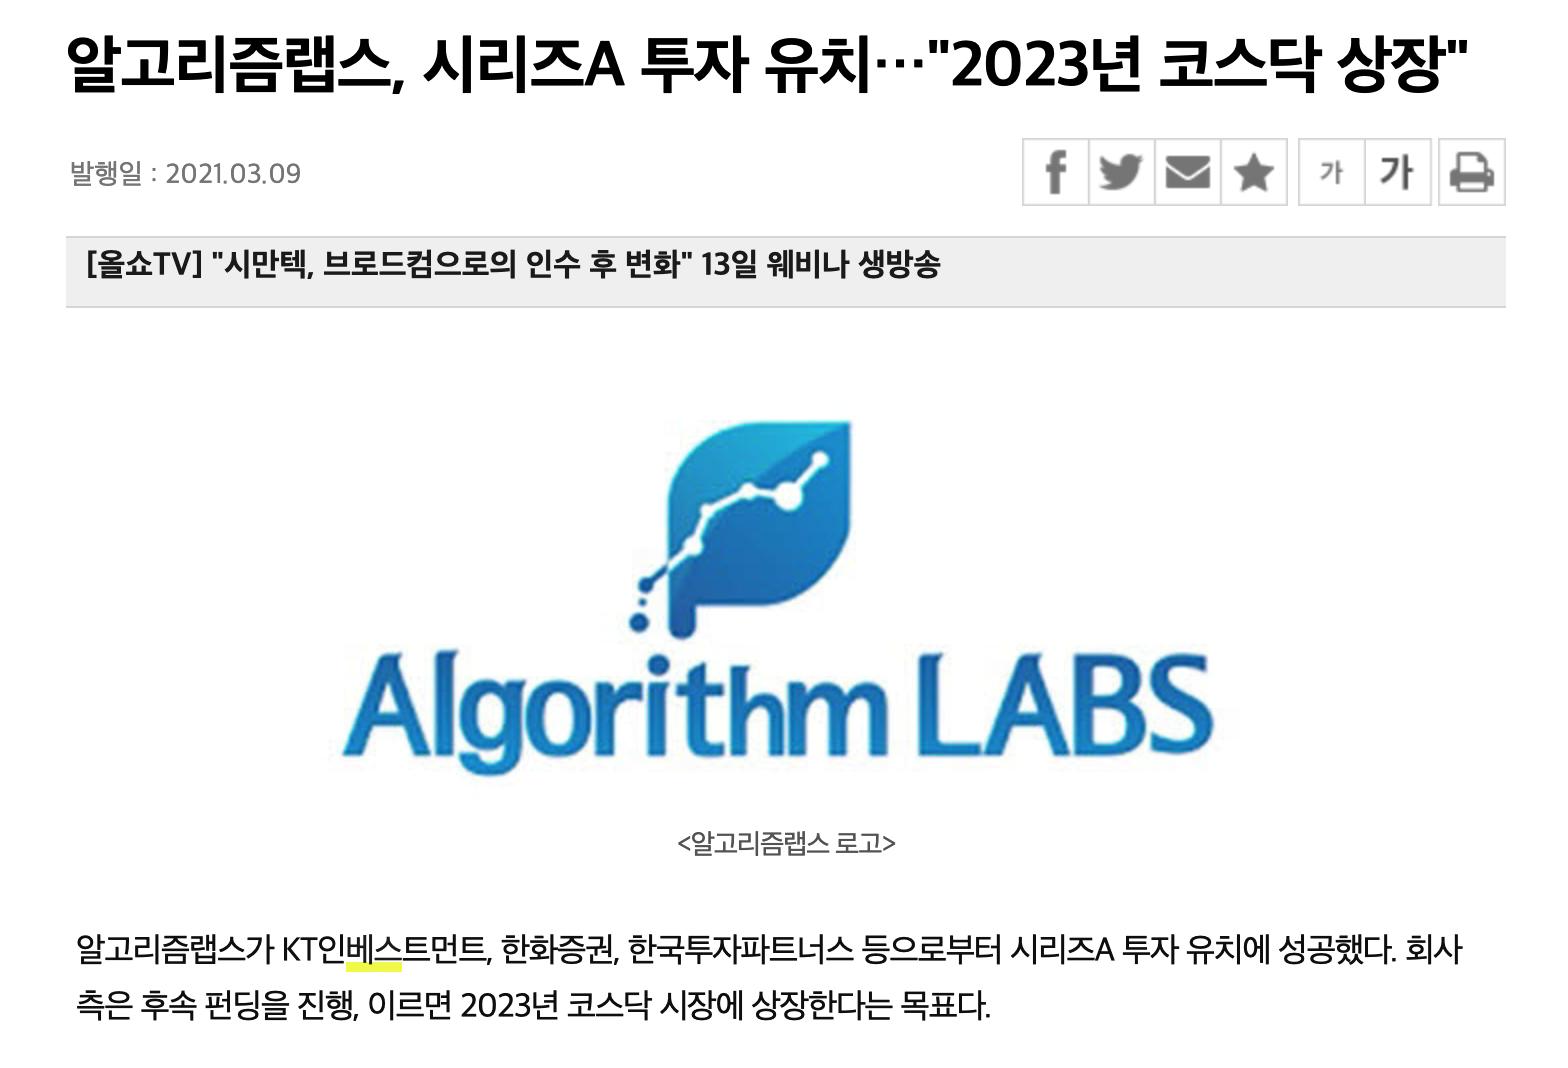 알고리즘랩스가 KT인베스트먼트, 한화증권, 한국투자파트너스 등으로부터 시리즈A 투자 유치에 성공했다. 회사 측은 후속 펀딩을 진행, 이르면 2023년 코스닥 시장에 상장한다는 목표다. <br>...